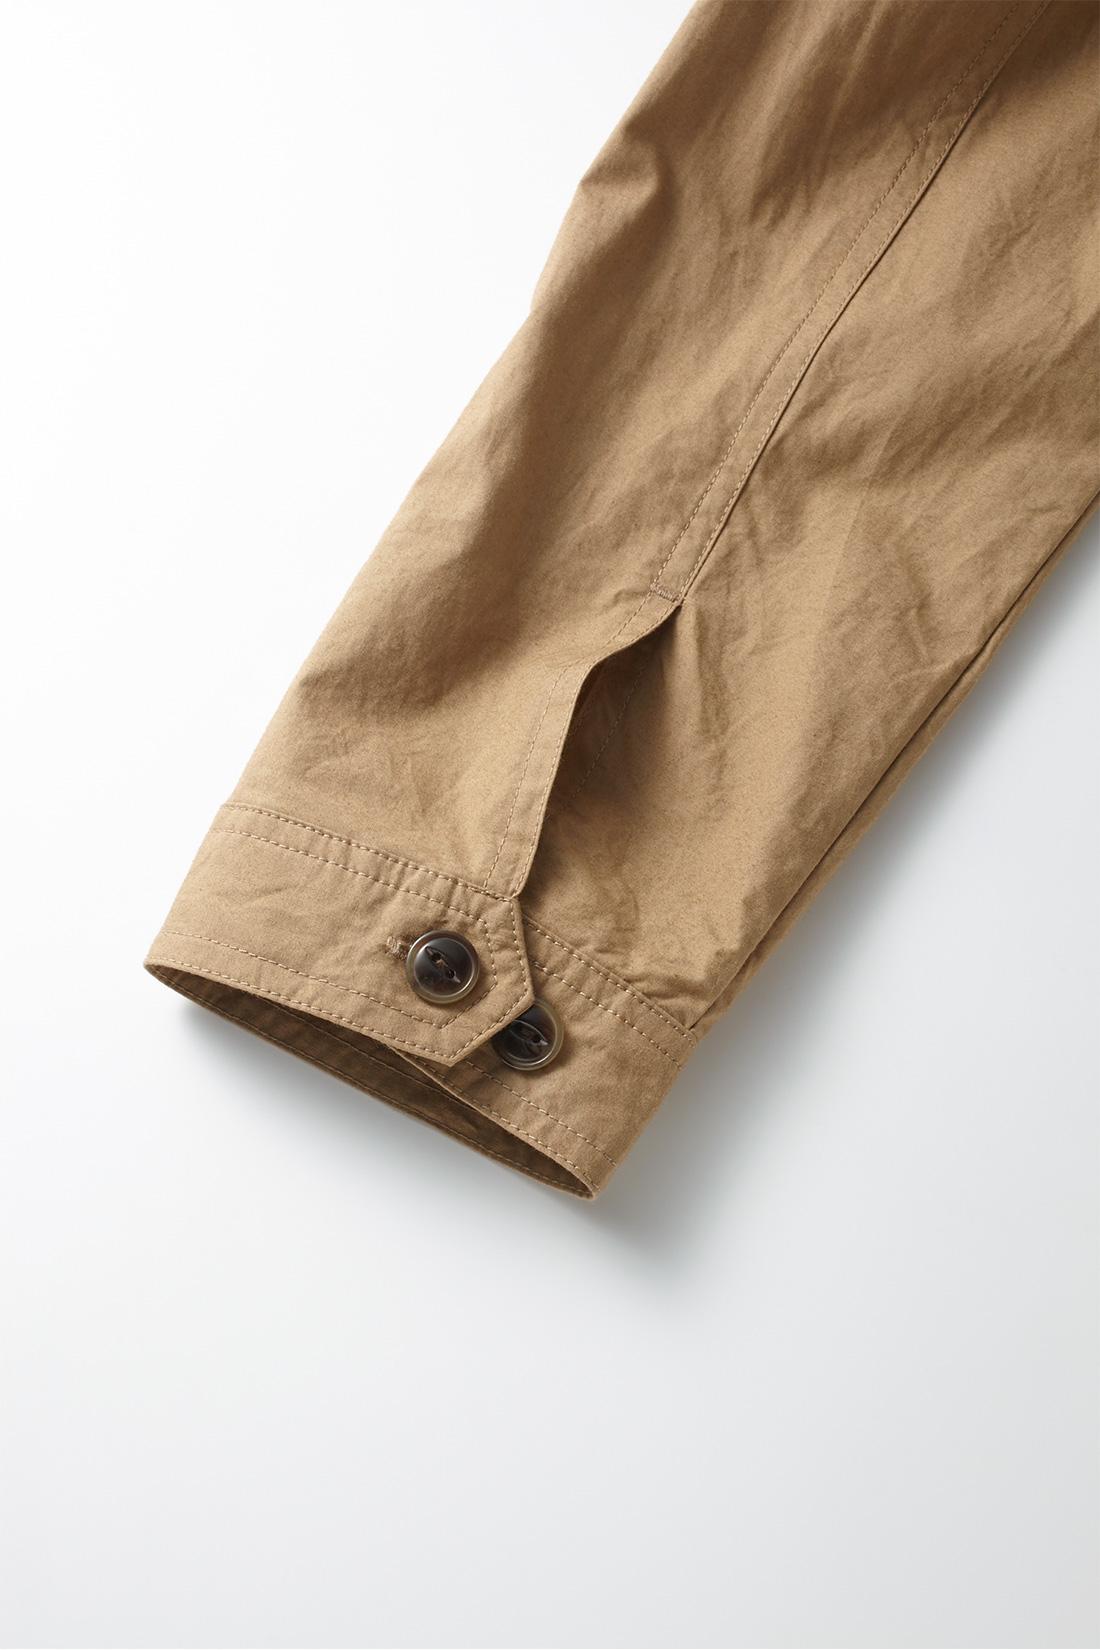 袖口は微調整がかなう2つボタン付き。